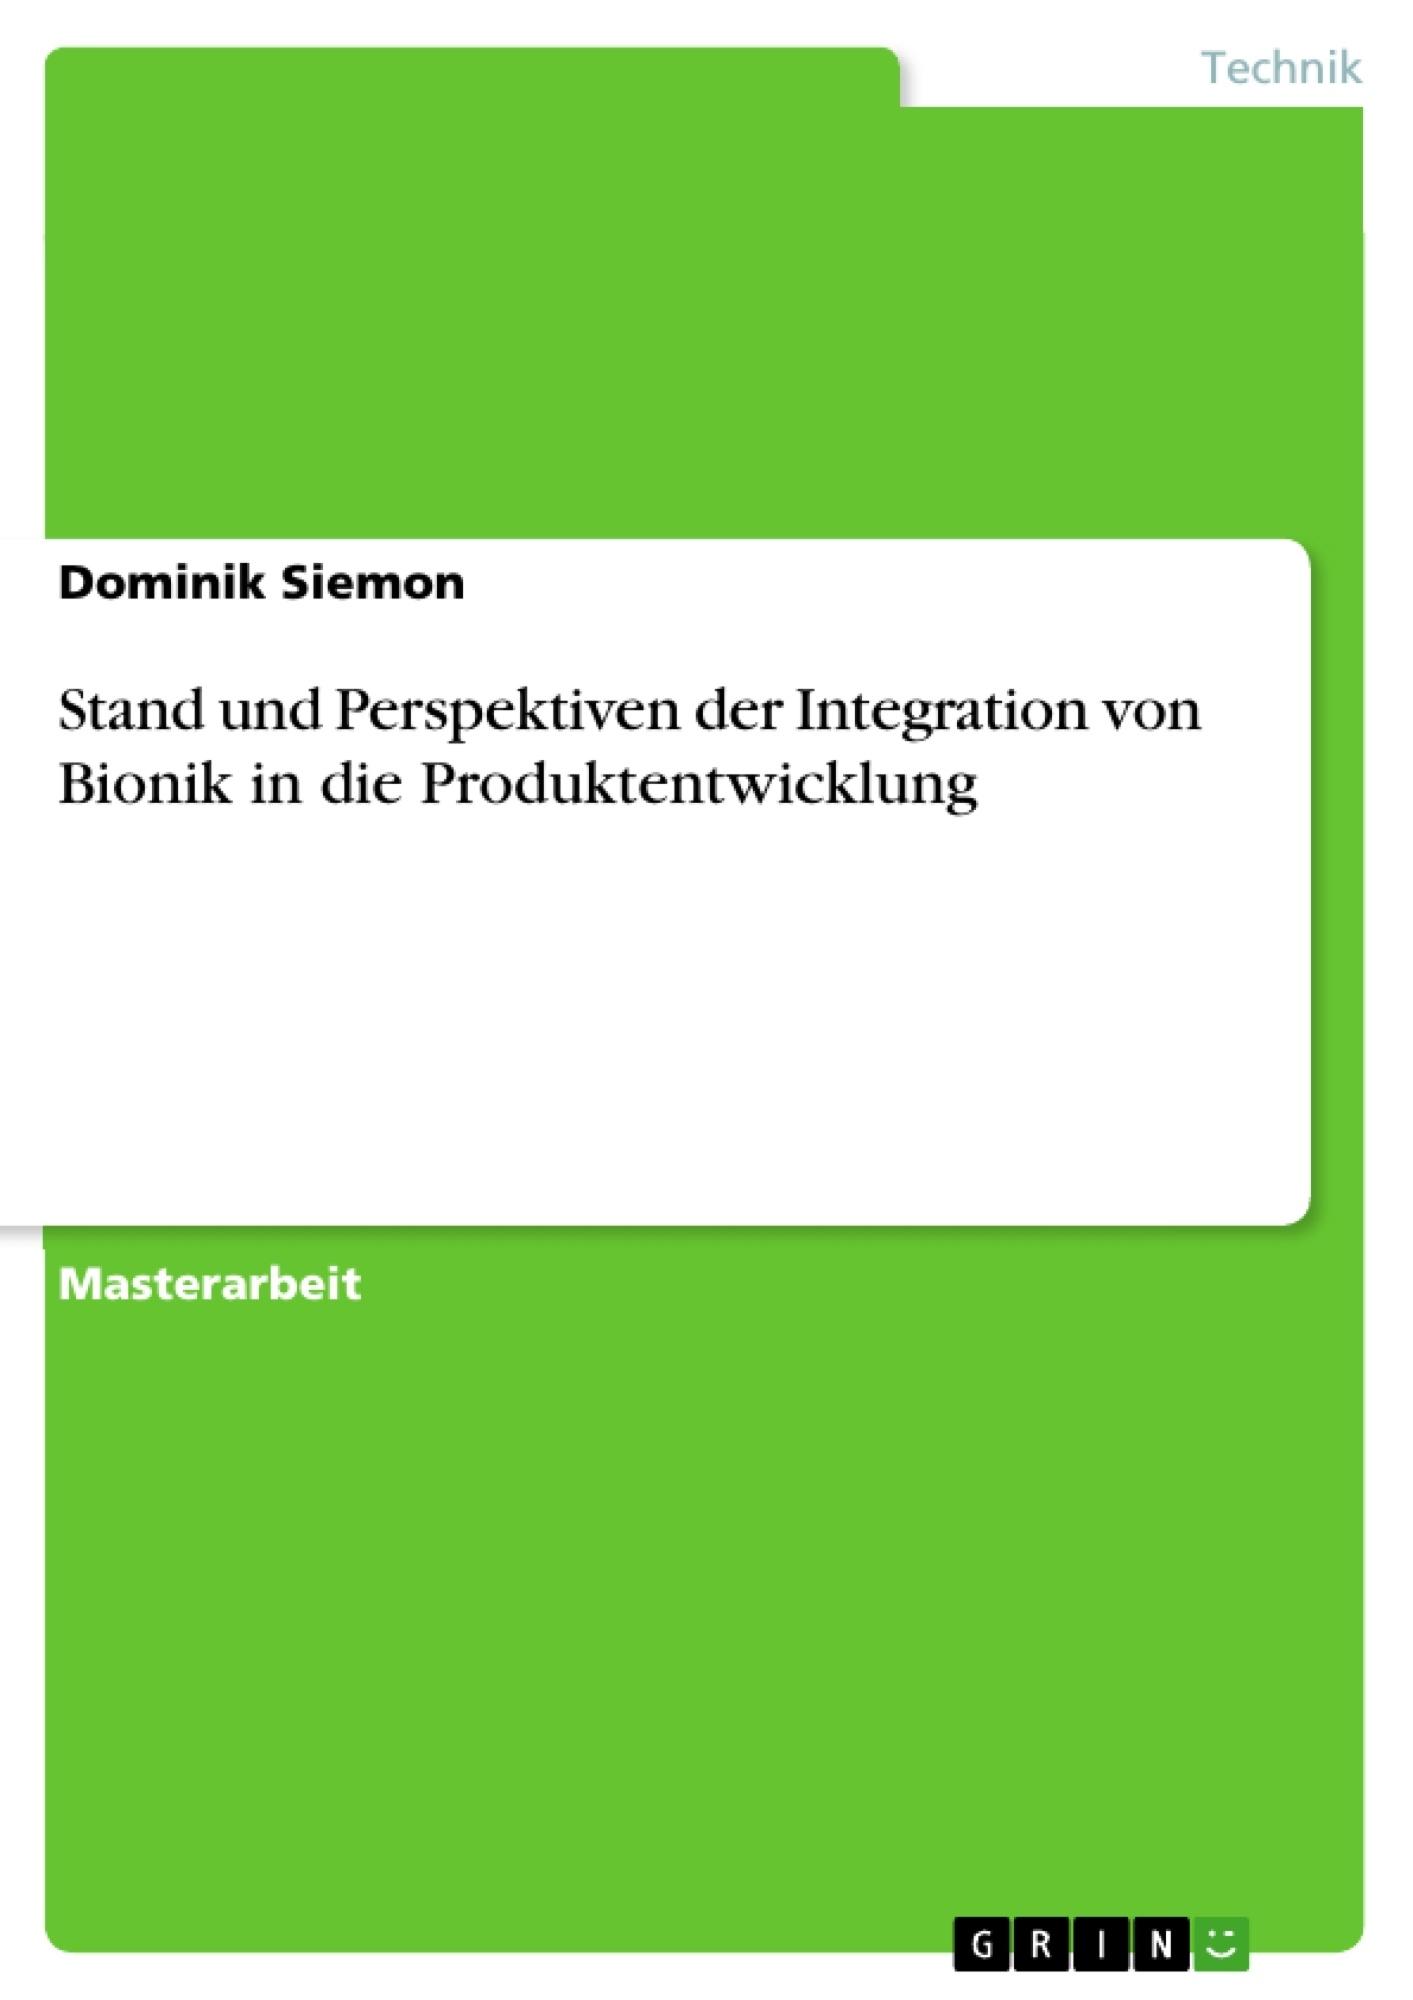 Titel: Stand und Perspektiven der Integration von Bionik in die Produktentwicklung